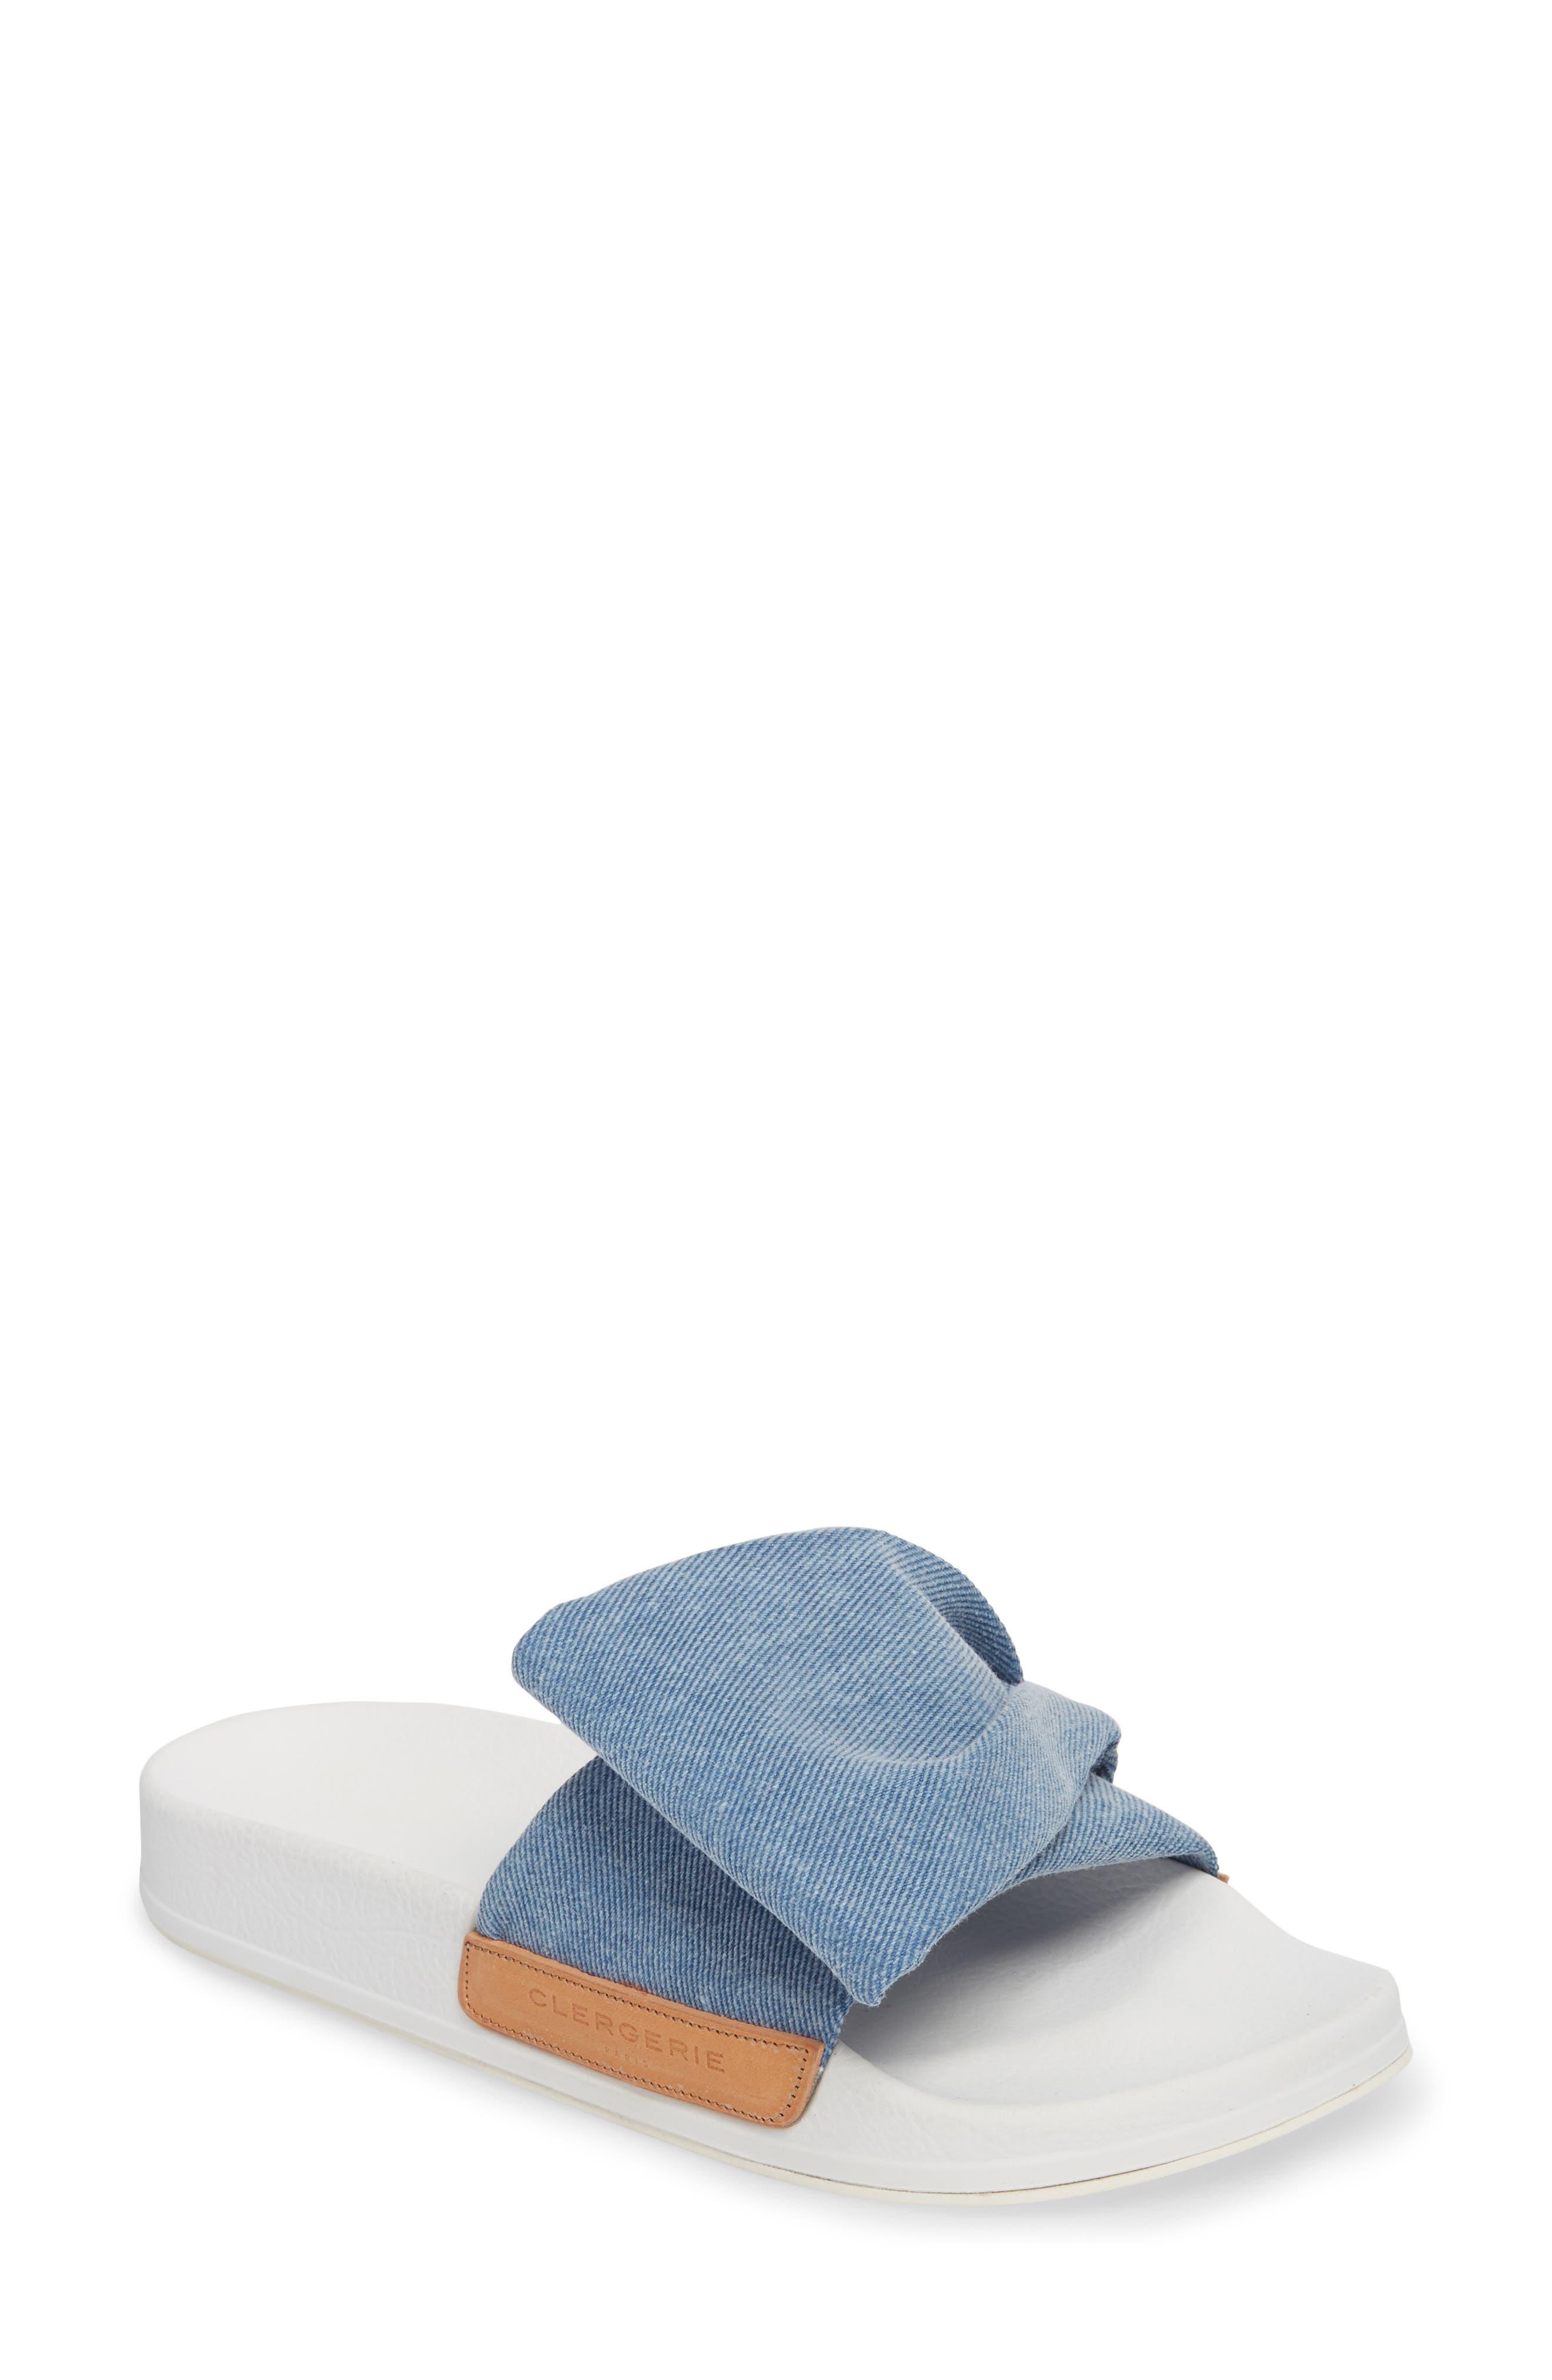 Wendyd Slide Sandal,                         Main,                         color, 400